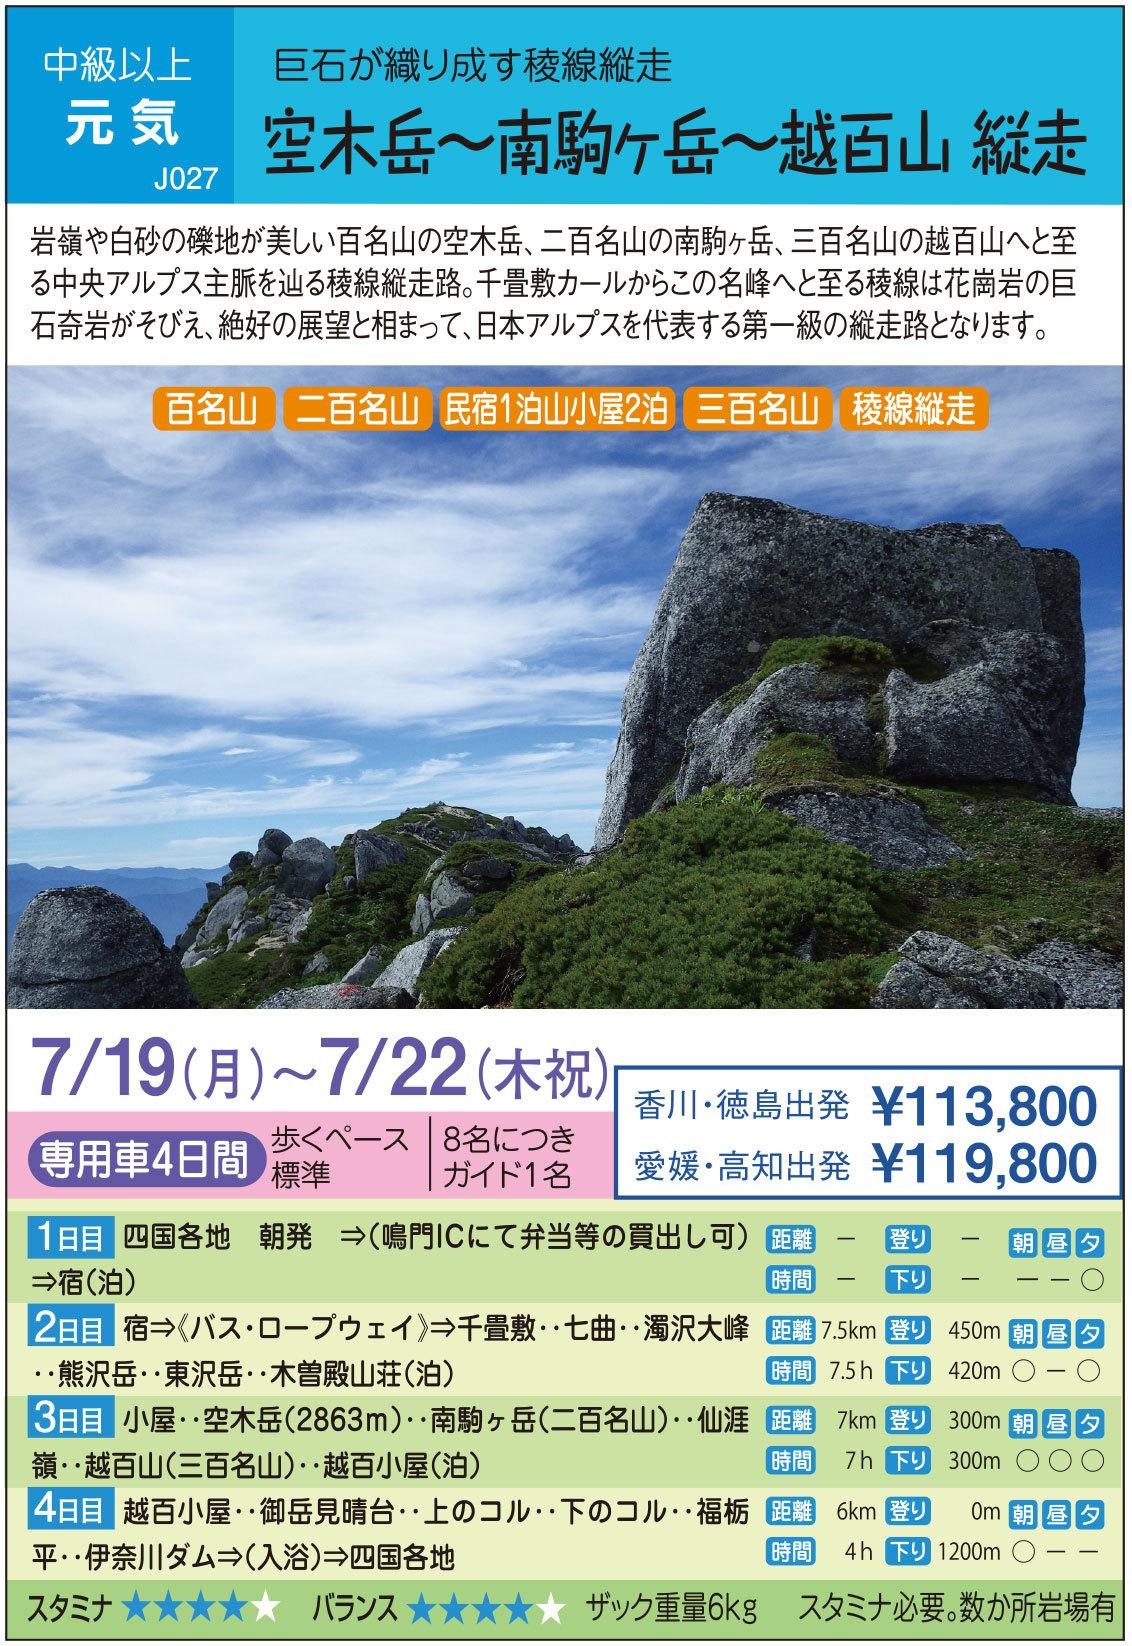 j027soraki.jpg